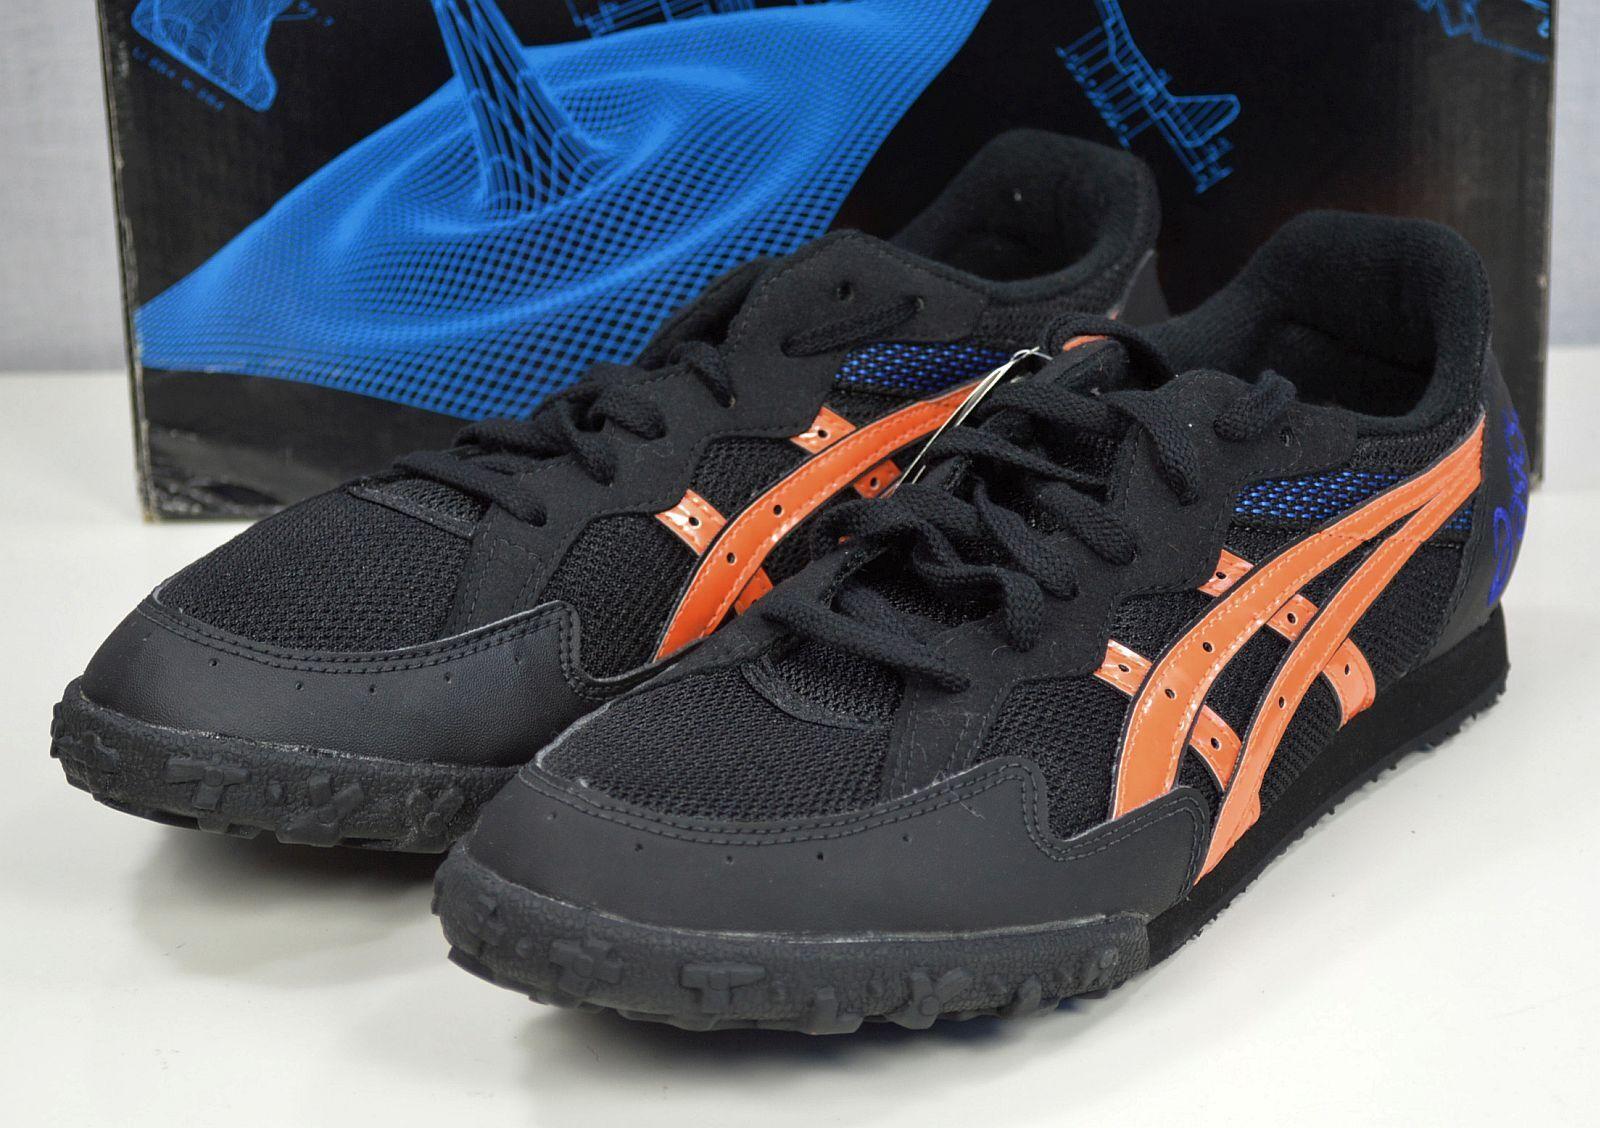 Asics Omni Trail Laufschuhe EU 43,5 Sportschuhe Herren Schuhe sale 46061700